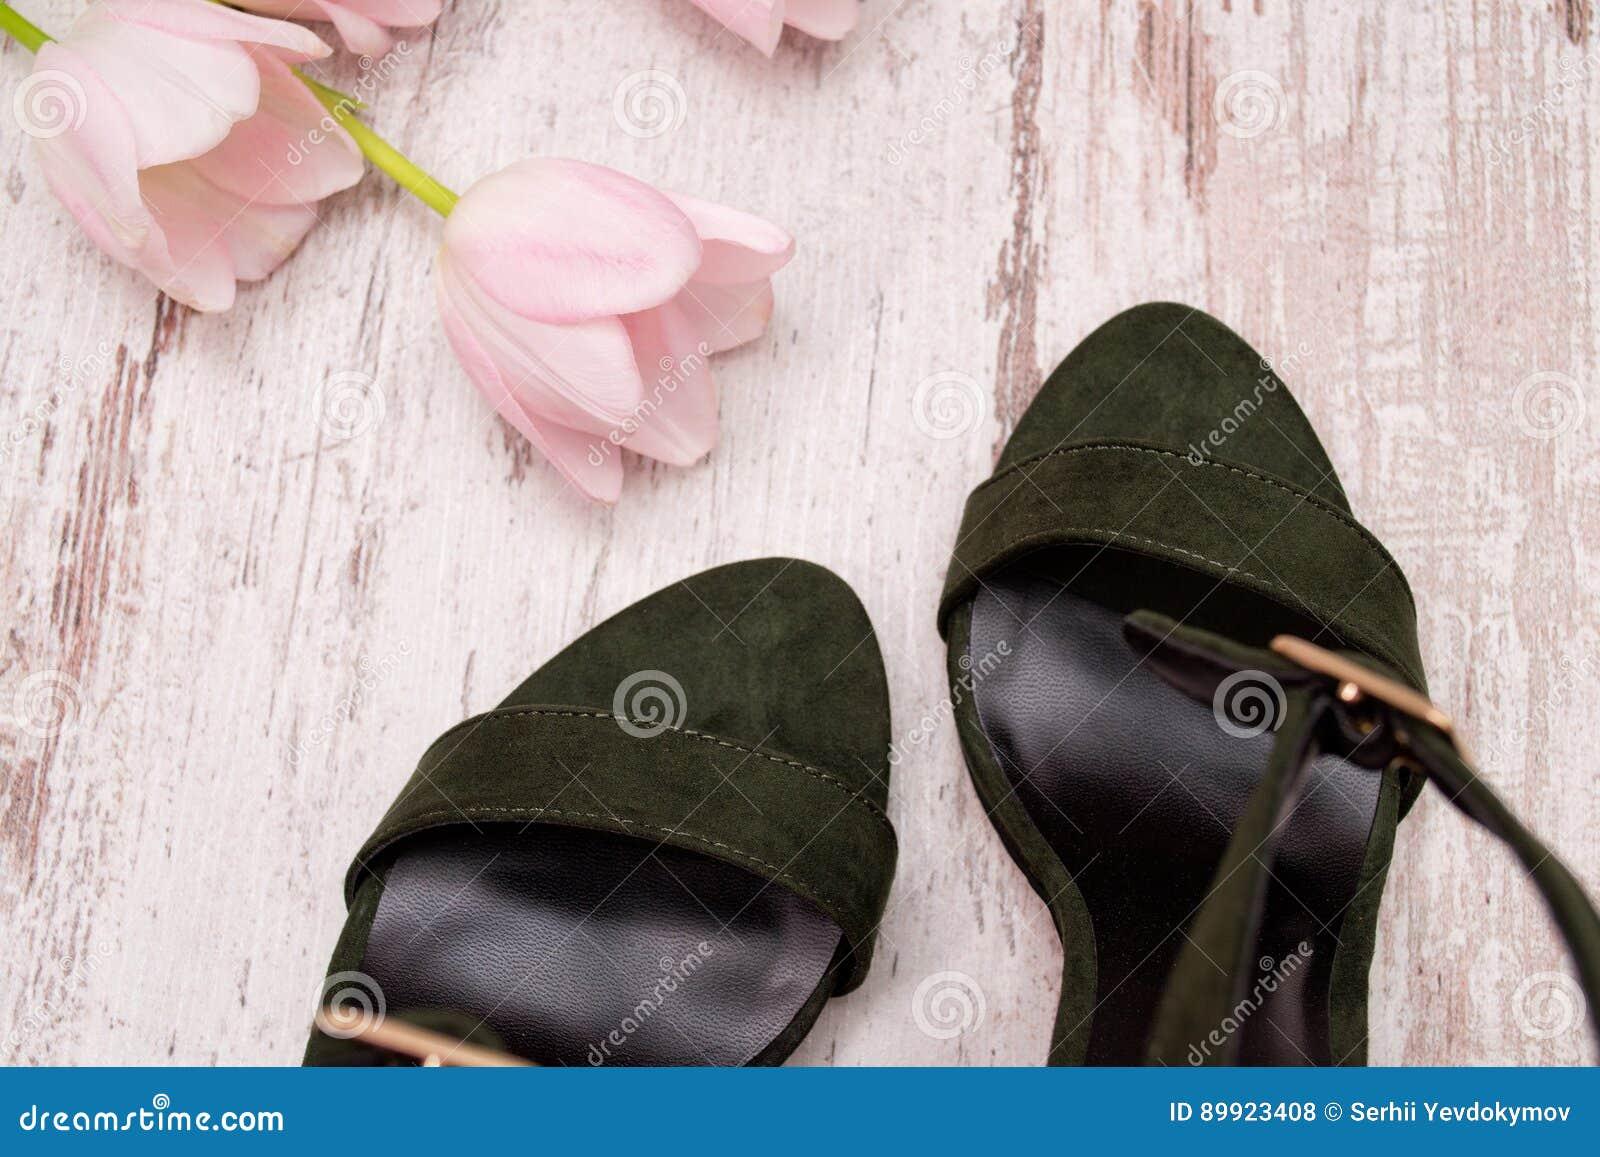 Rosados Zapatos Pieza MaderaTulipanes Un De Los Verdes Fondo En IEeDH2YW9